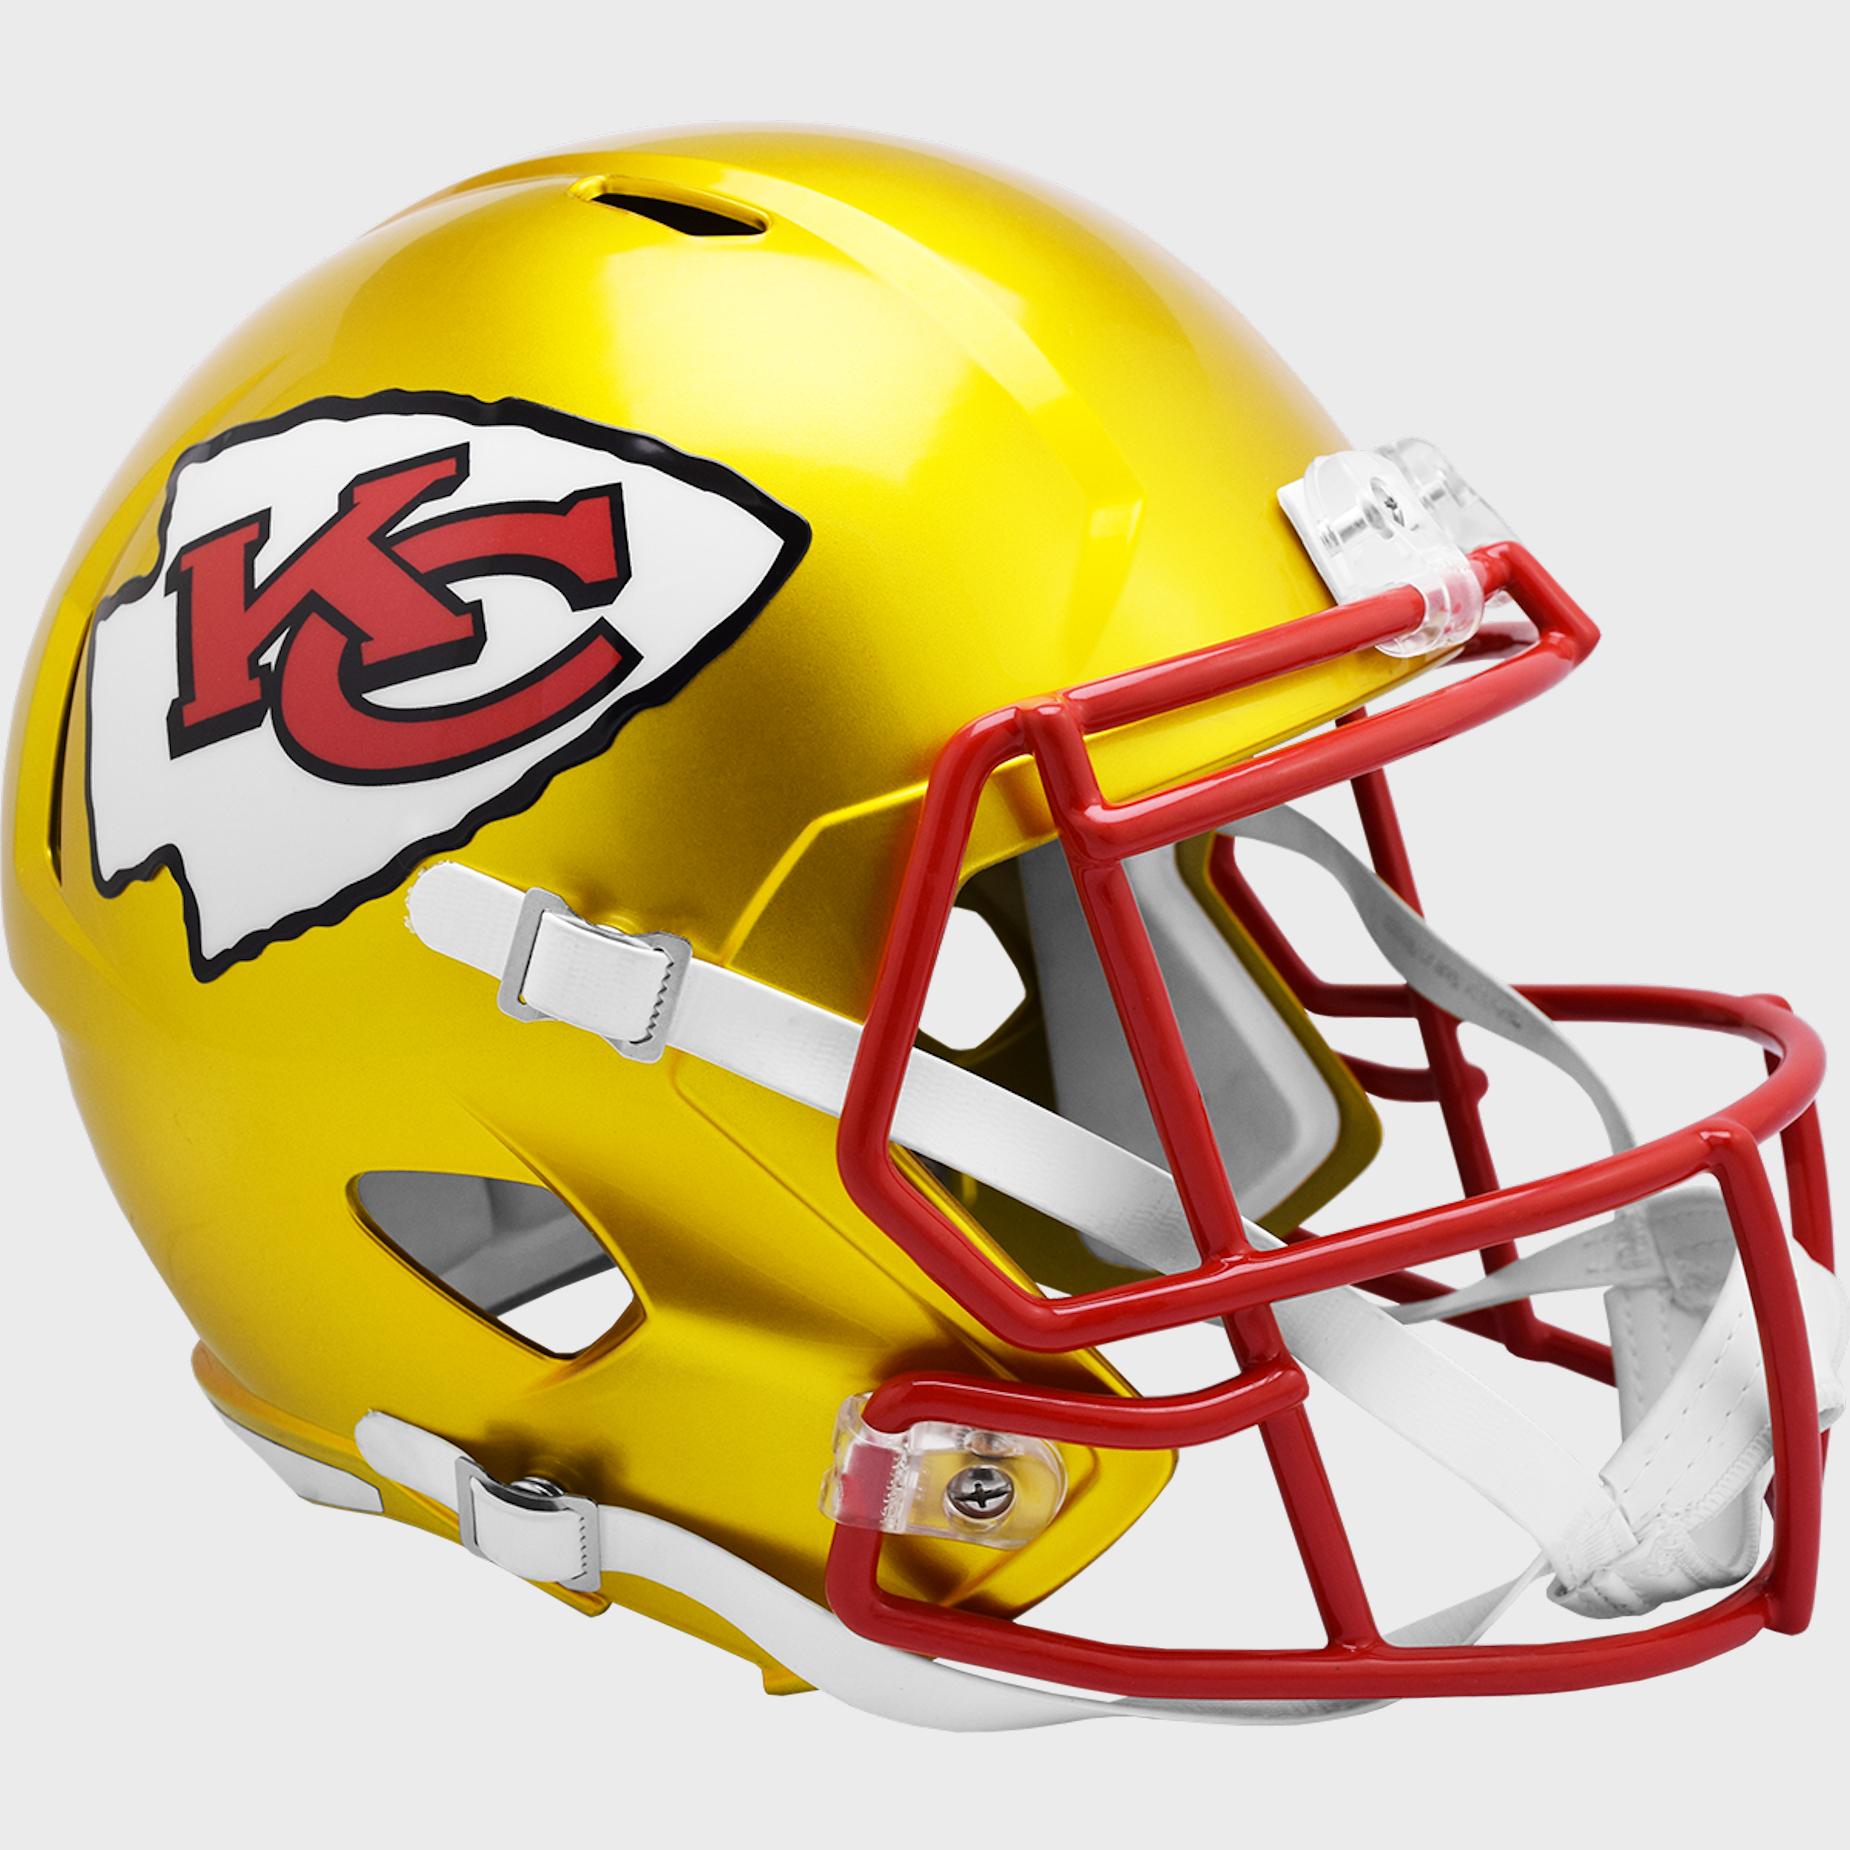 Kansas City Chiefs Speed Replica Football Helmet <B>FLASH ESD 8/21/21</B>